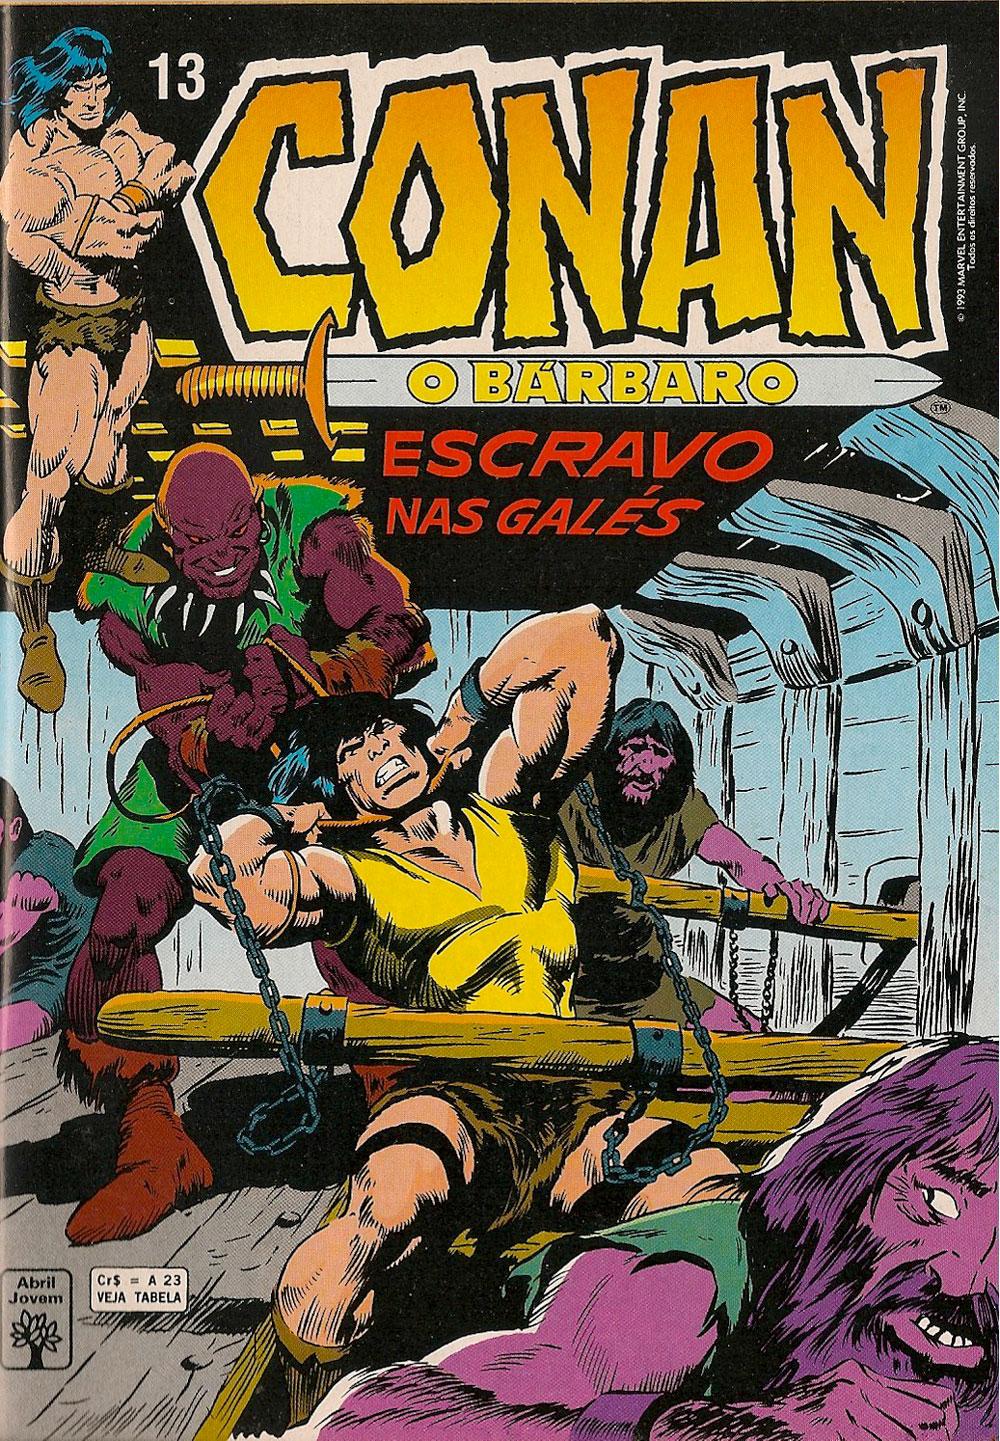 Capa: Conan, O Bárbaro Abril 13